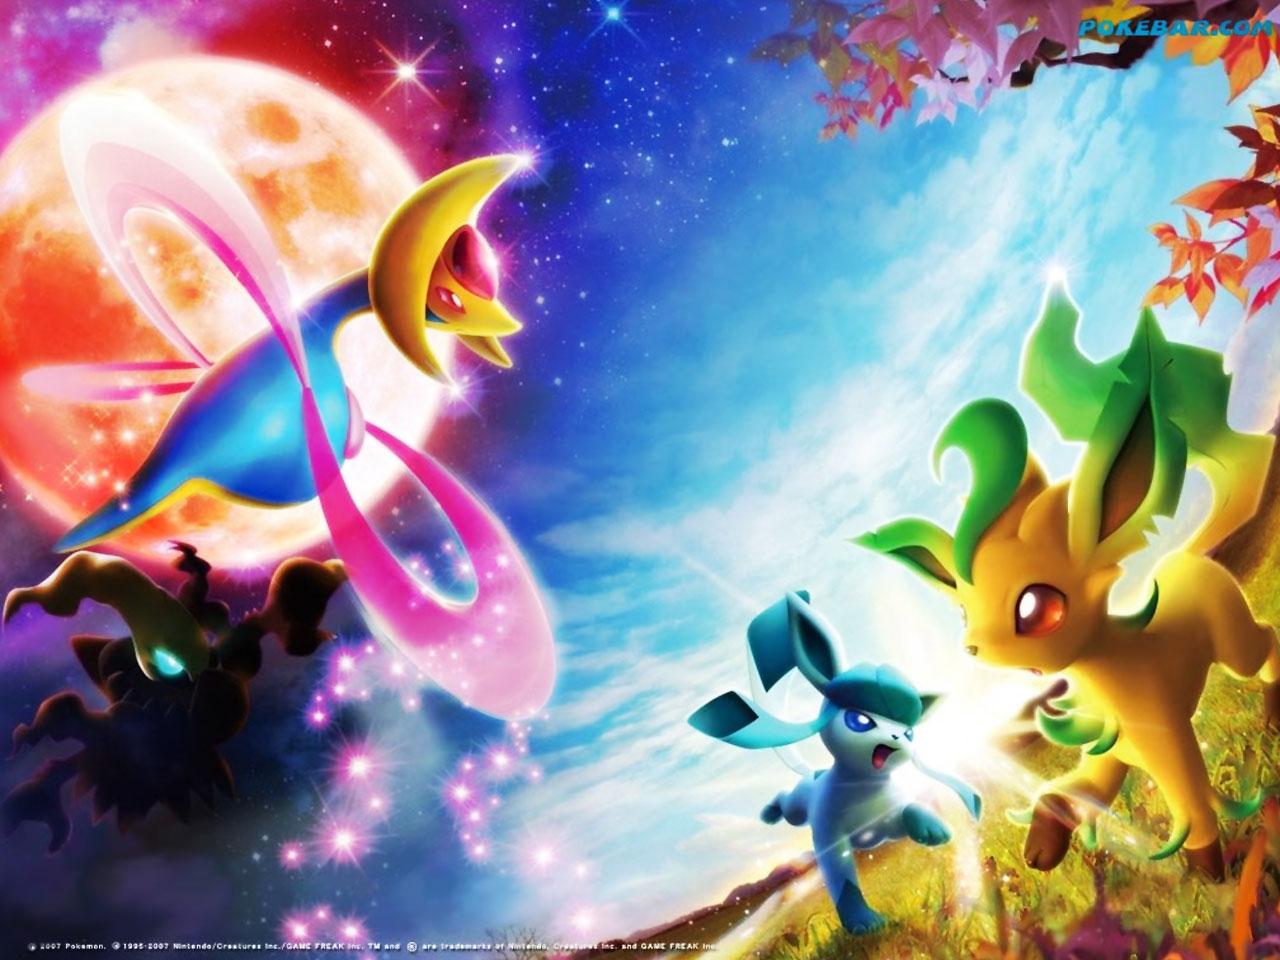 Pokemon Eevee Wallpaper 1280x960 Pokemon Eevee 1280x960